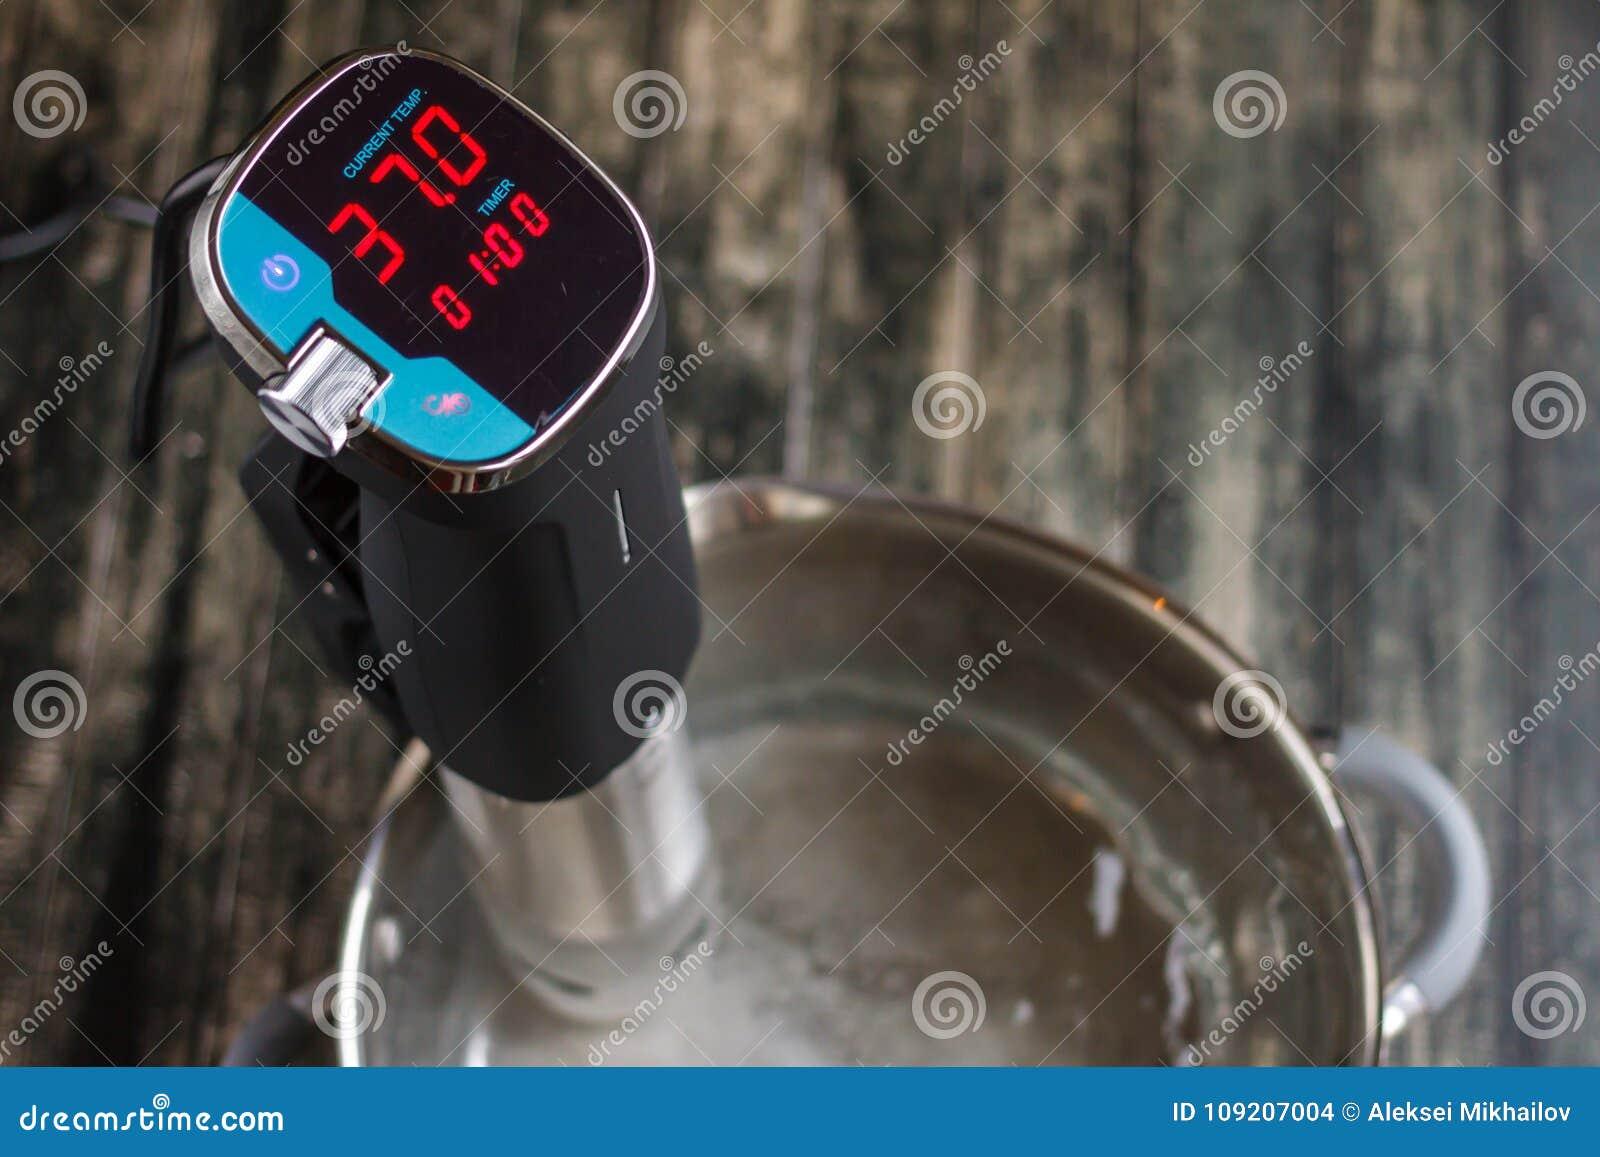 Ny termometer för att mäta vattentemperatur från över